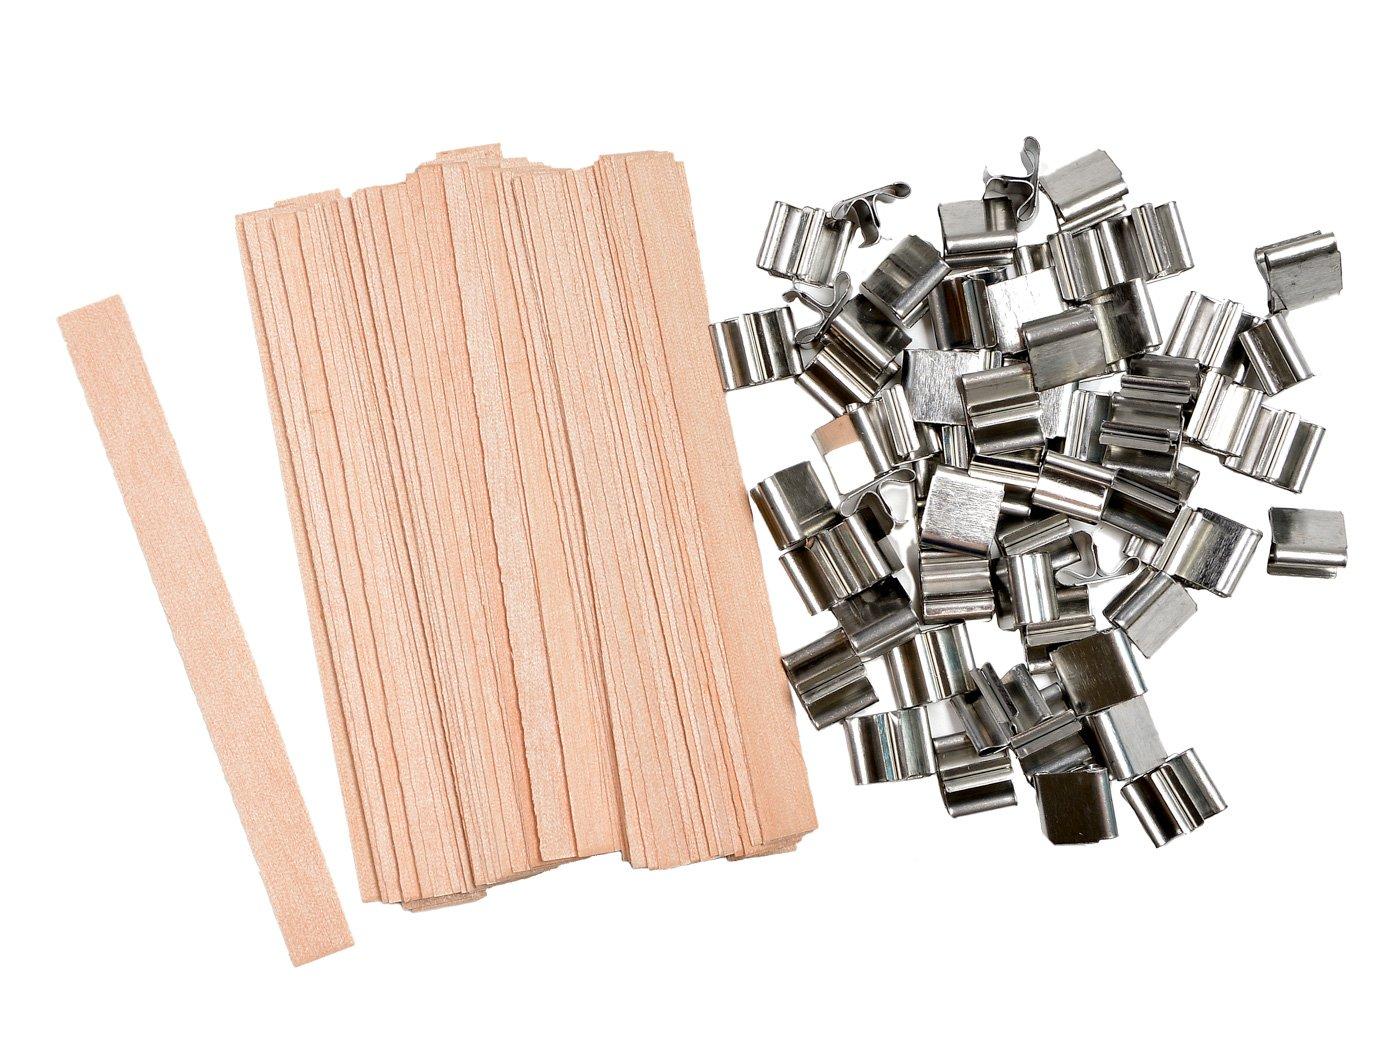 NOVSIX 60 pezzi 5 stoppini in legno per candele e candele fai-da-te (13 x 130mm)